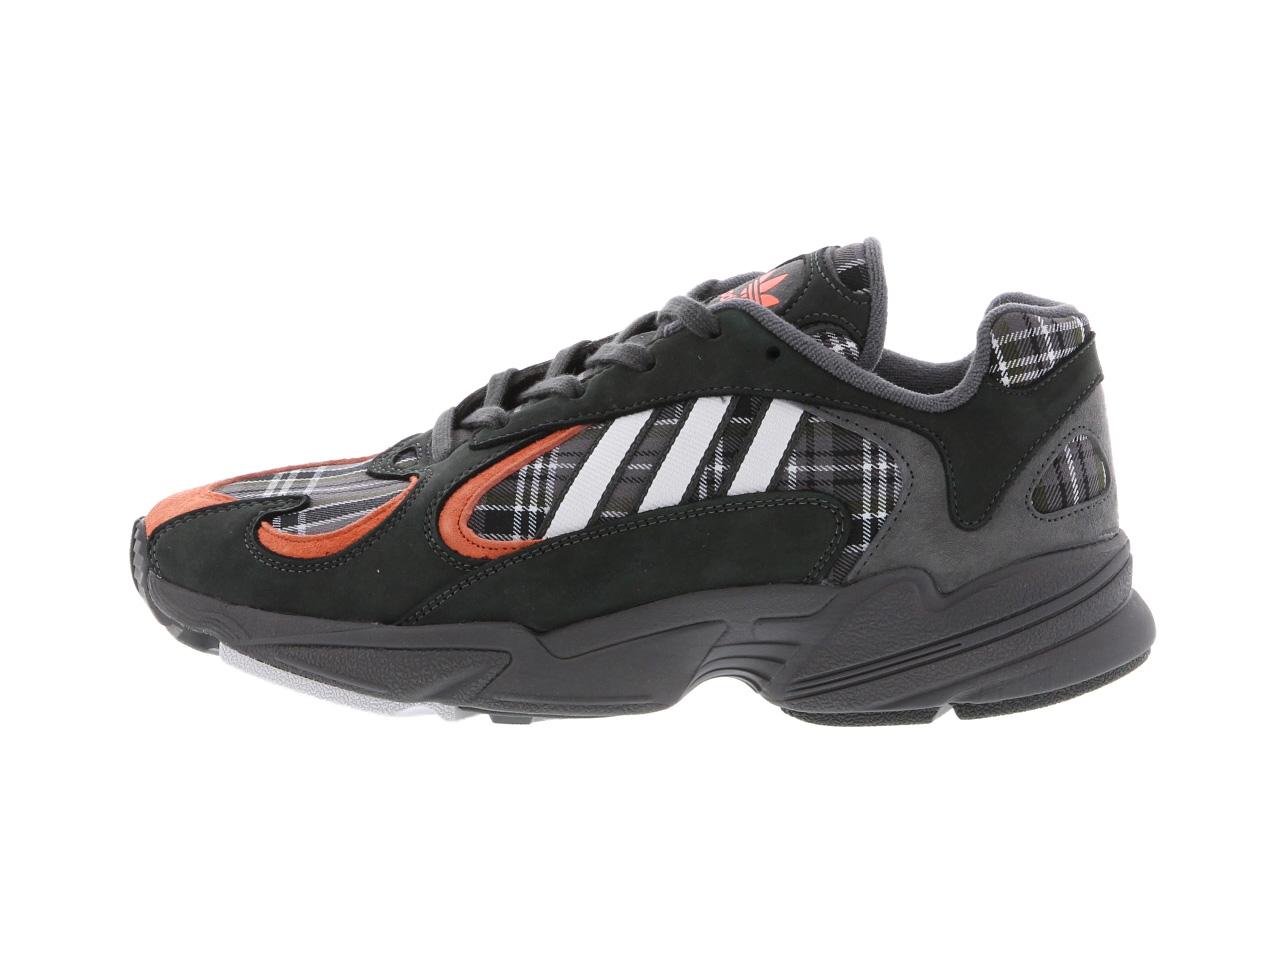 【全品ポイント10倍!期間限定★今すぐエントリー!(4/1~4/30)】【OUTLET特価】adidas YUNG-1(EF3967)【アディダス ヤング1】【メンズファッション】【シューズ】【スニーカー】【靴】【フットウェア】